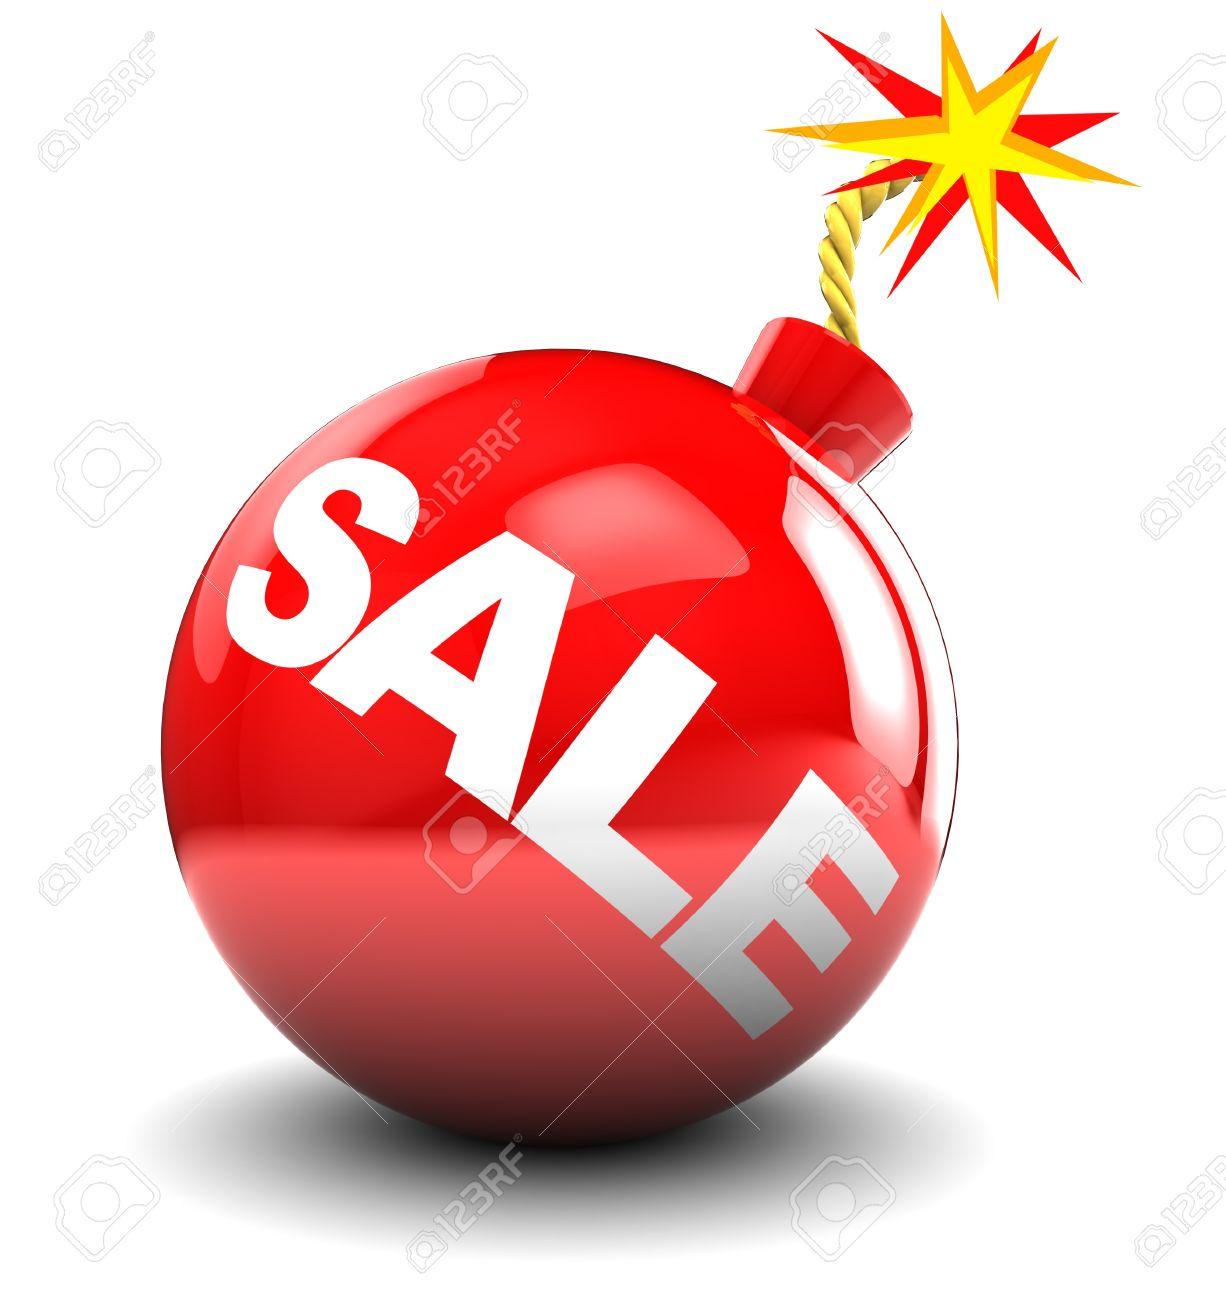 illustrazione 3d astratto della bomba rosso con segno in vendita, su sfondo bianco Archivio Fotografico - 8534463